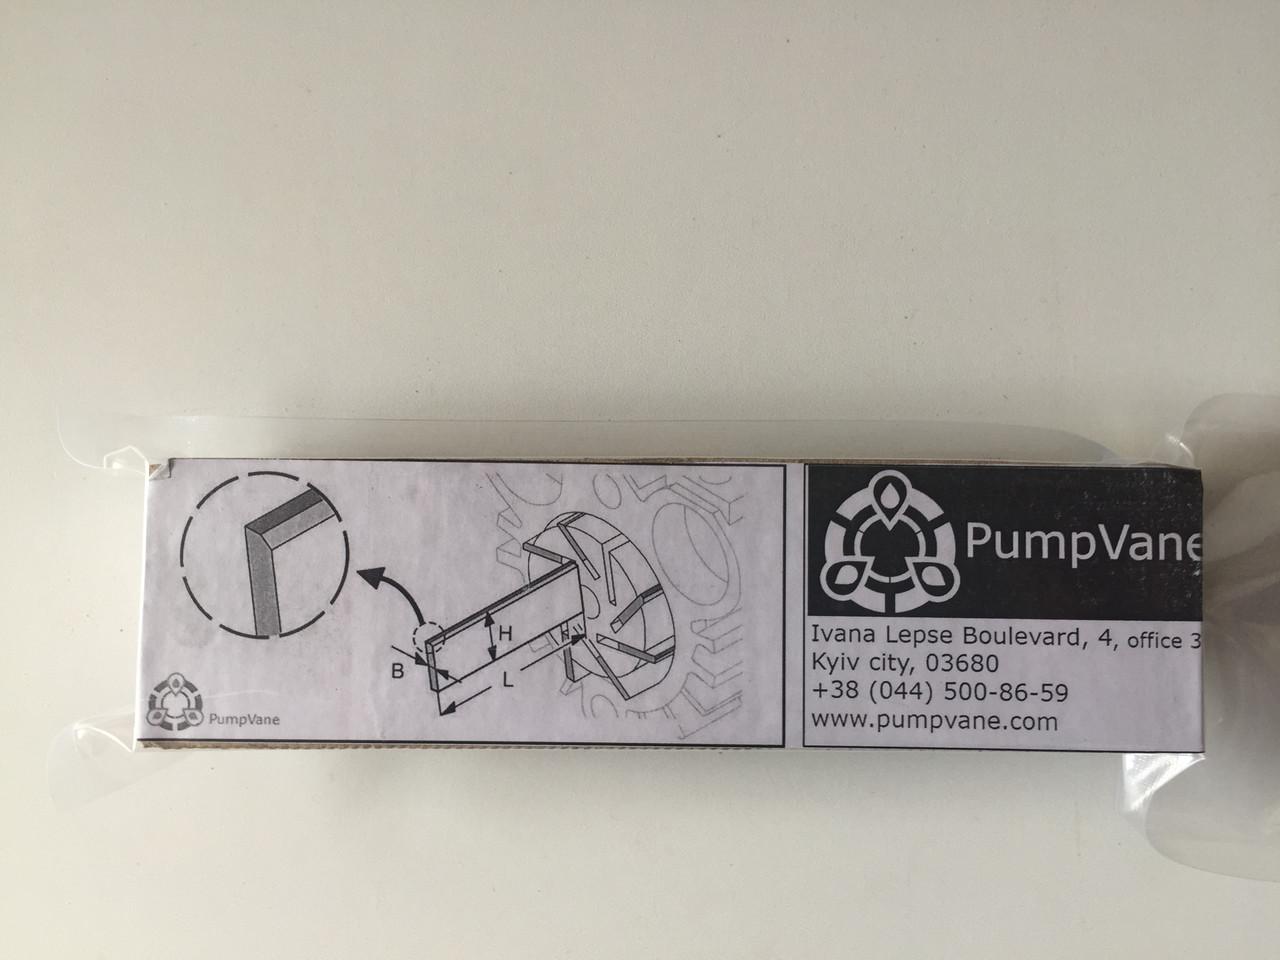 240*47*4 Лопатка графитовая для вакуумного насоса DVX/KDX/KVX 3.140 90132400000